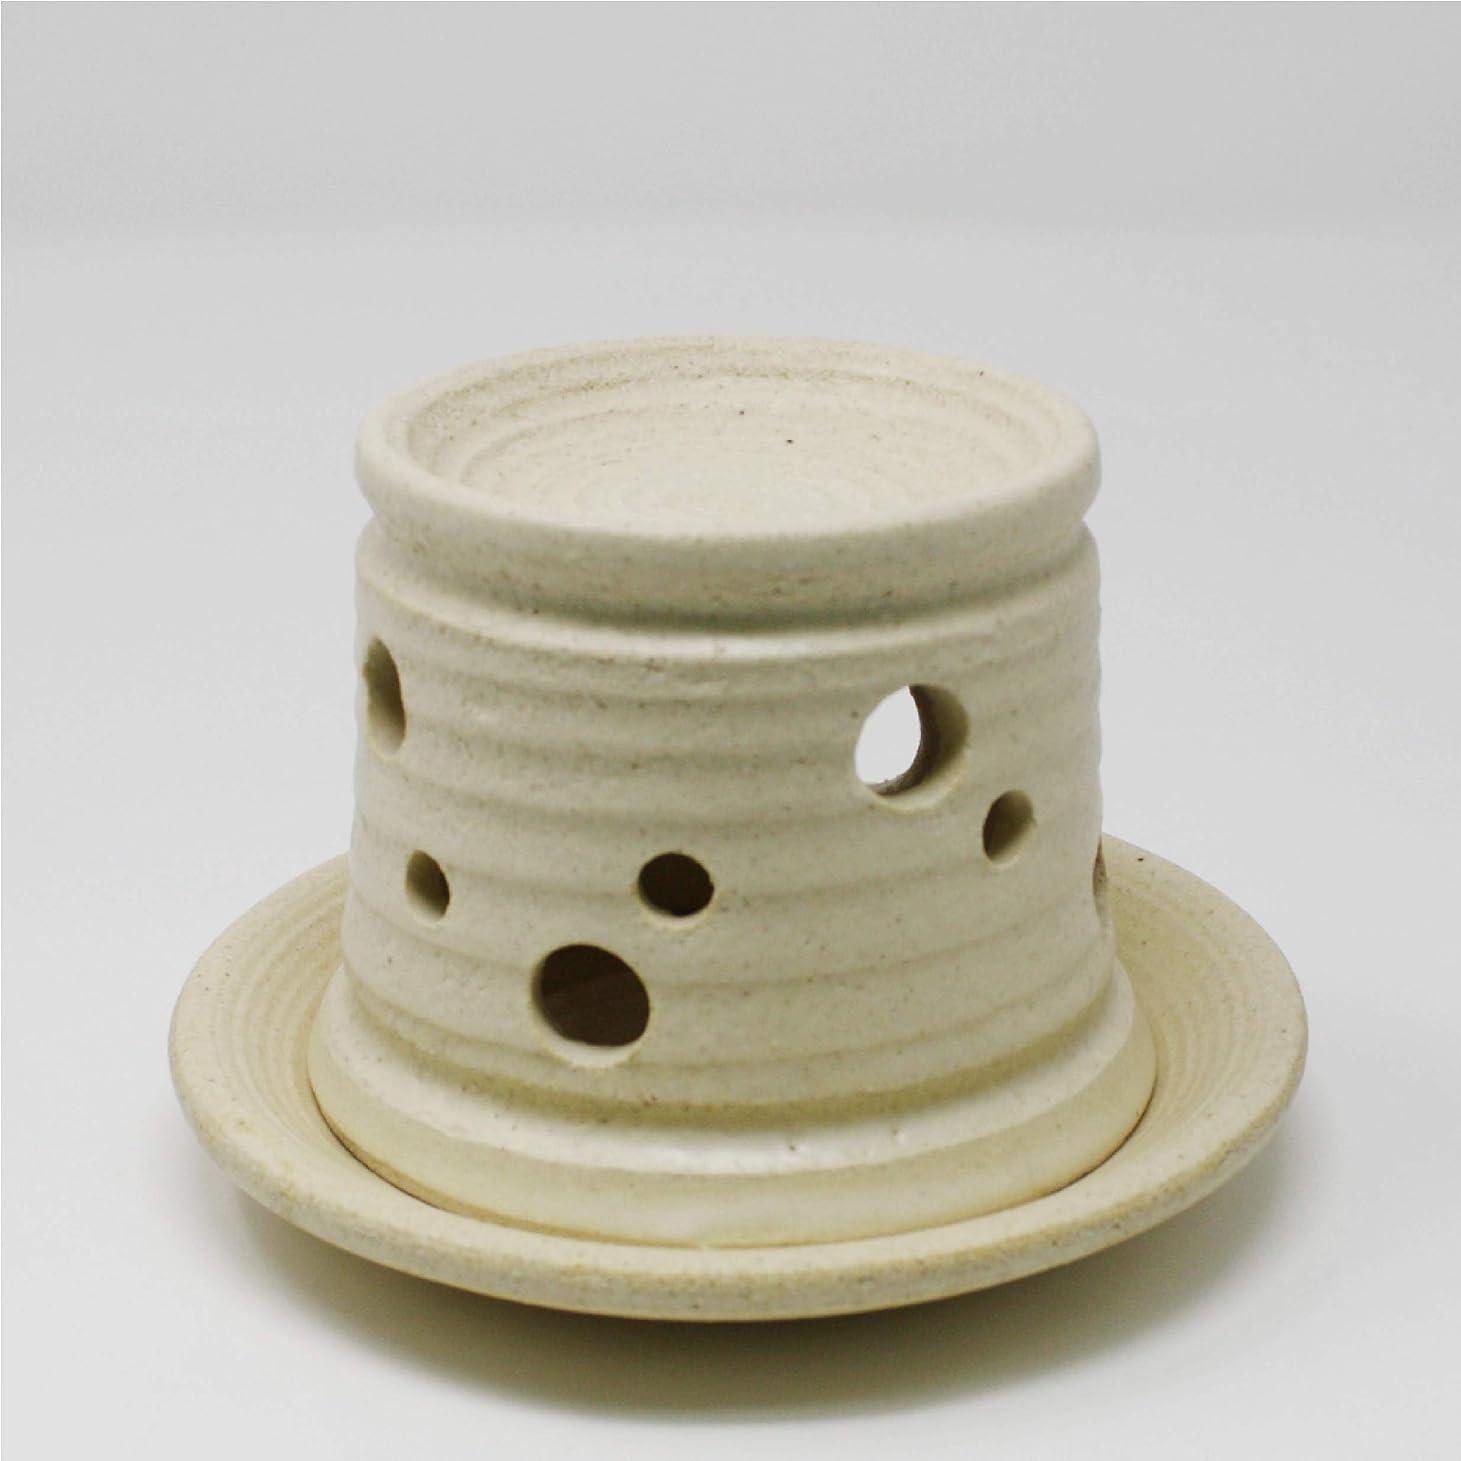 ルアーバラバラにする余分な茶香炉 白 【 和 】-NAGOMI- 瀬戸焼 香炉 こうろ お香 ほうじ茶 コーヒー 陶器 キャンドル ライト ローソク ろうそく